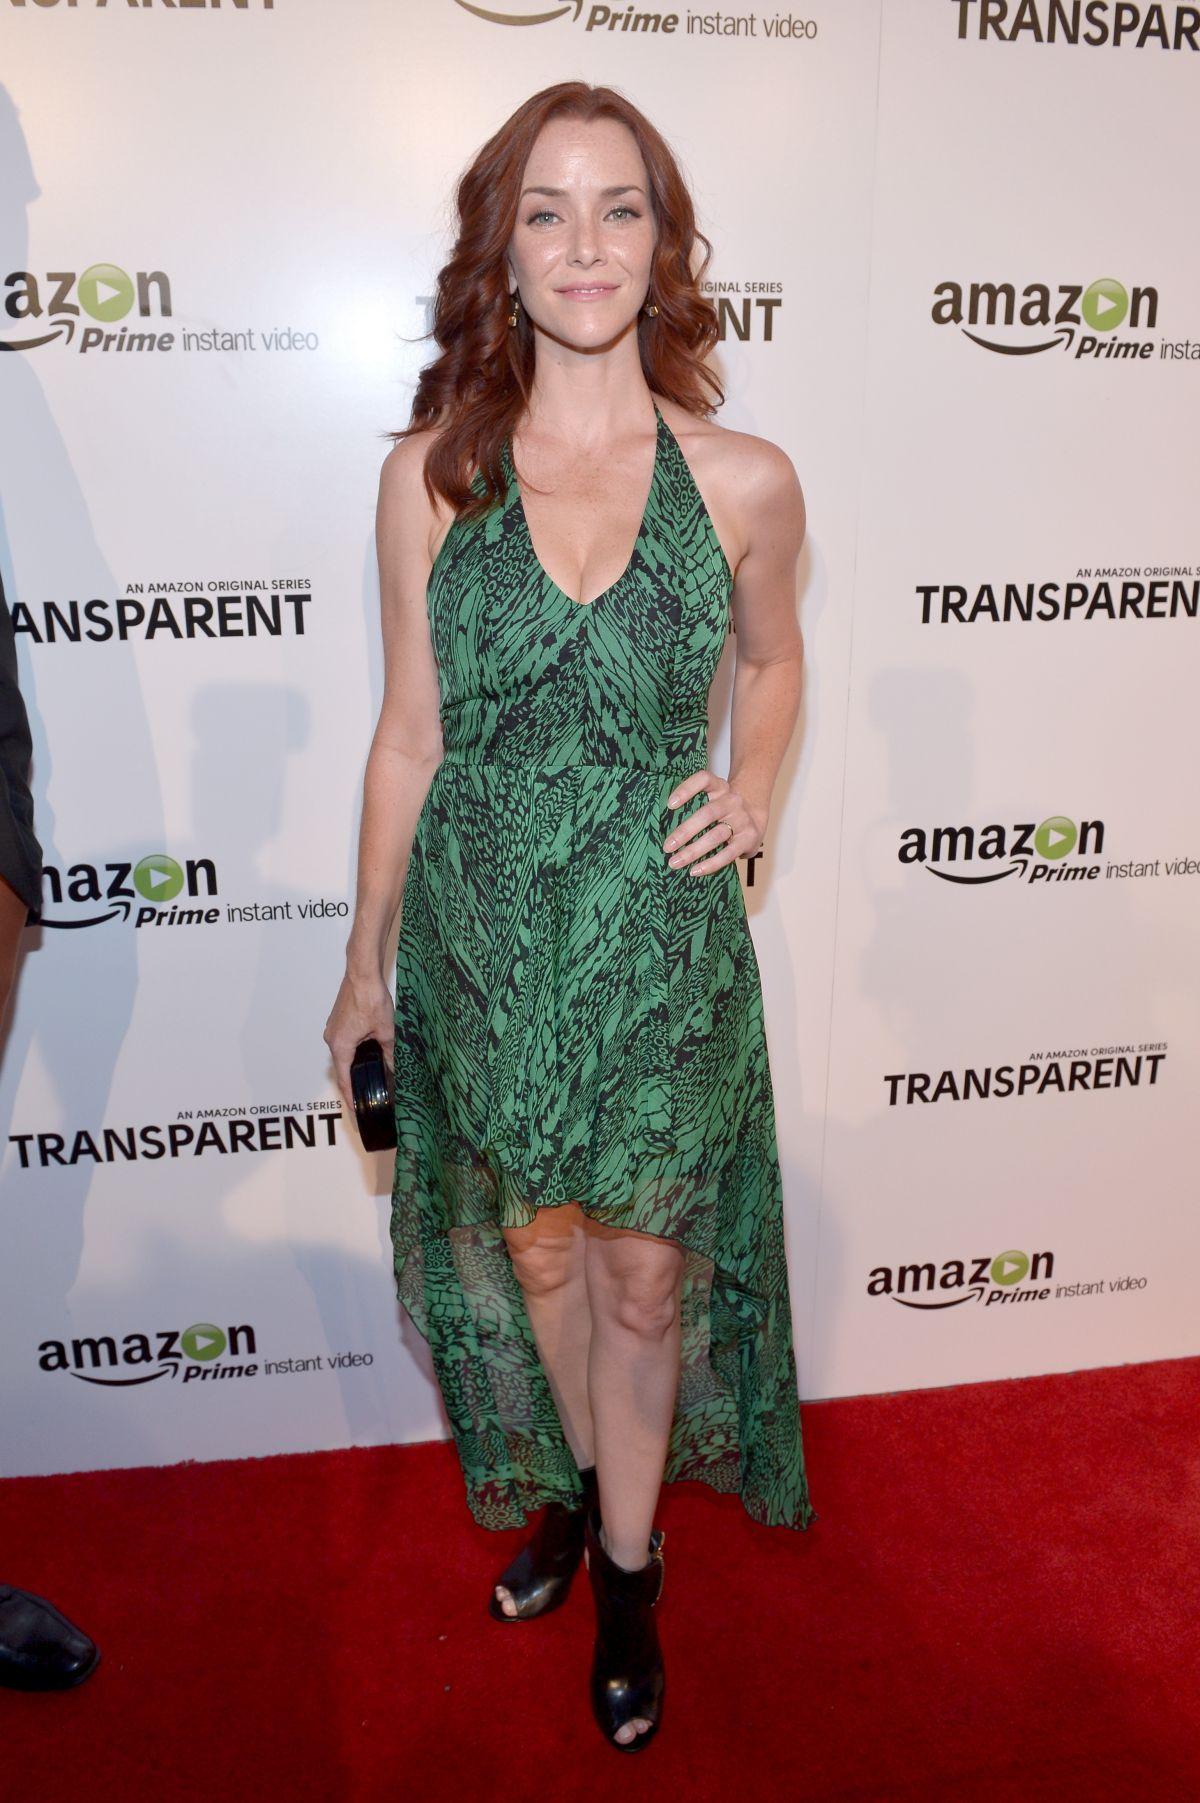 ANNIE WERSCHING at Transparent Premiere in Los Angeles